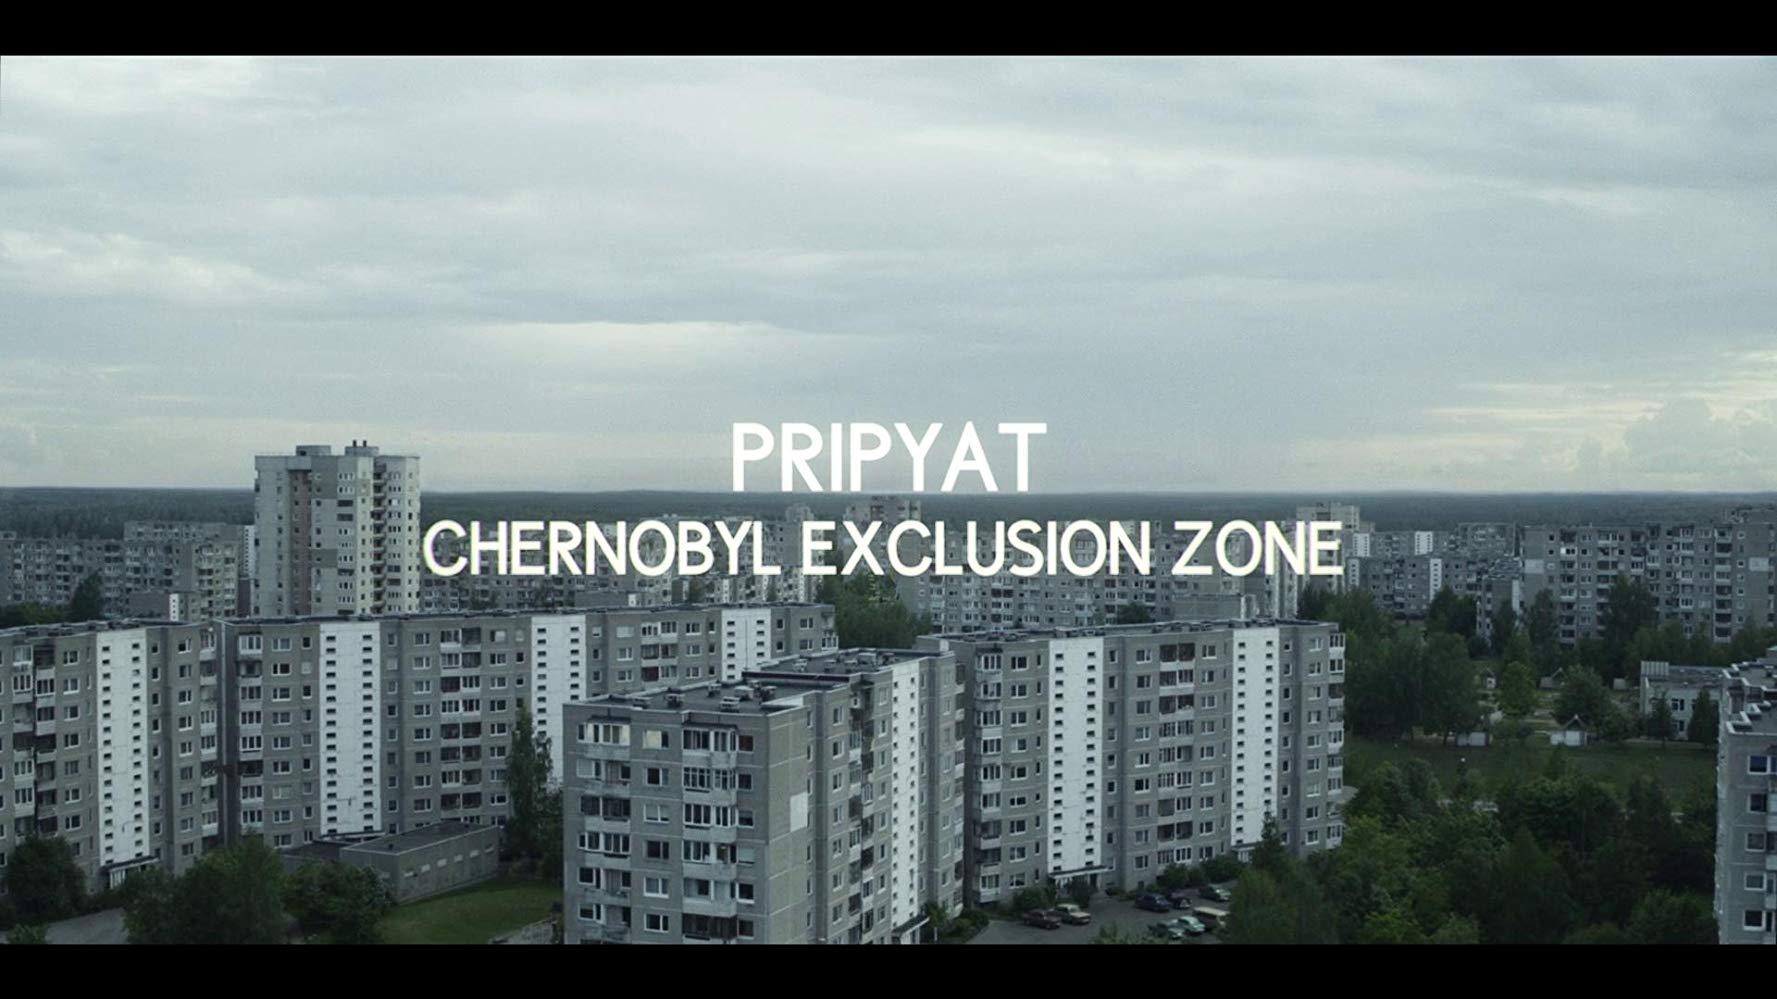 Chernobyl bei Netflix? Ist die Serie dort zu sehen?